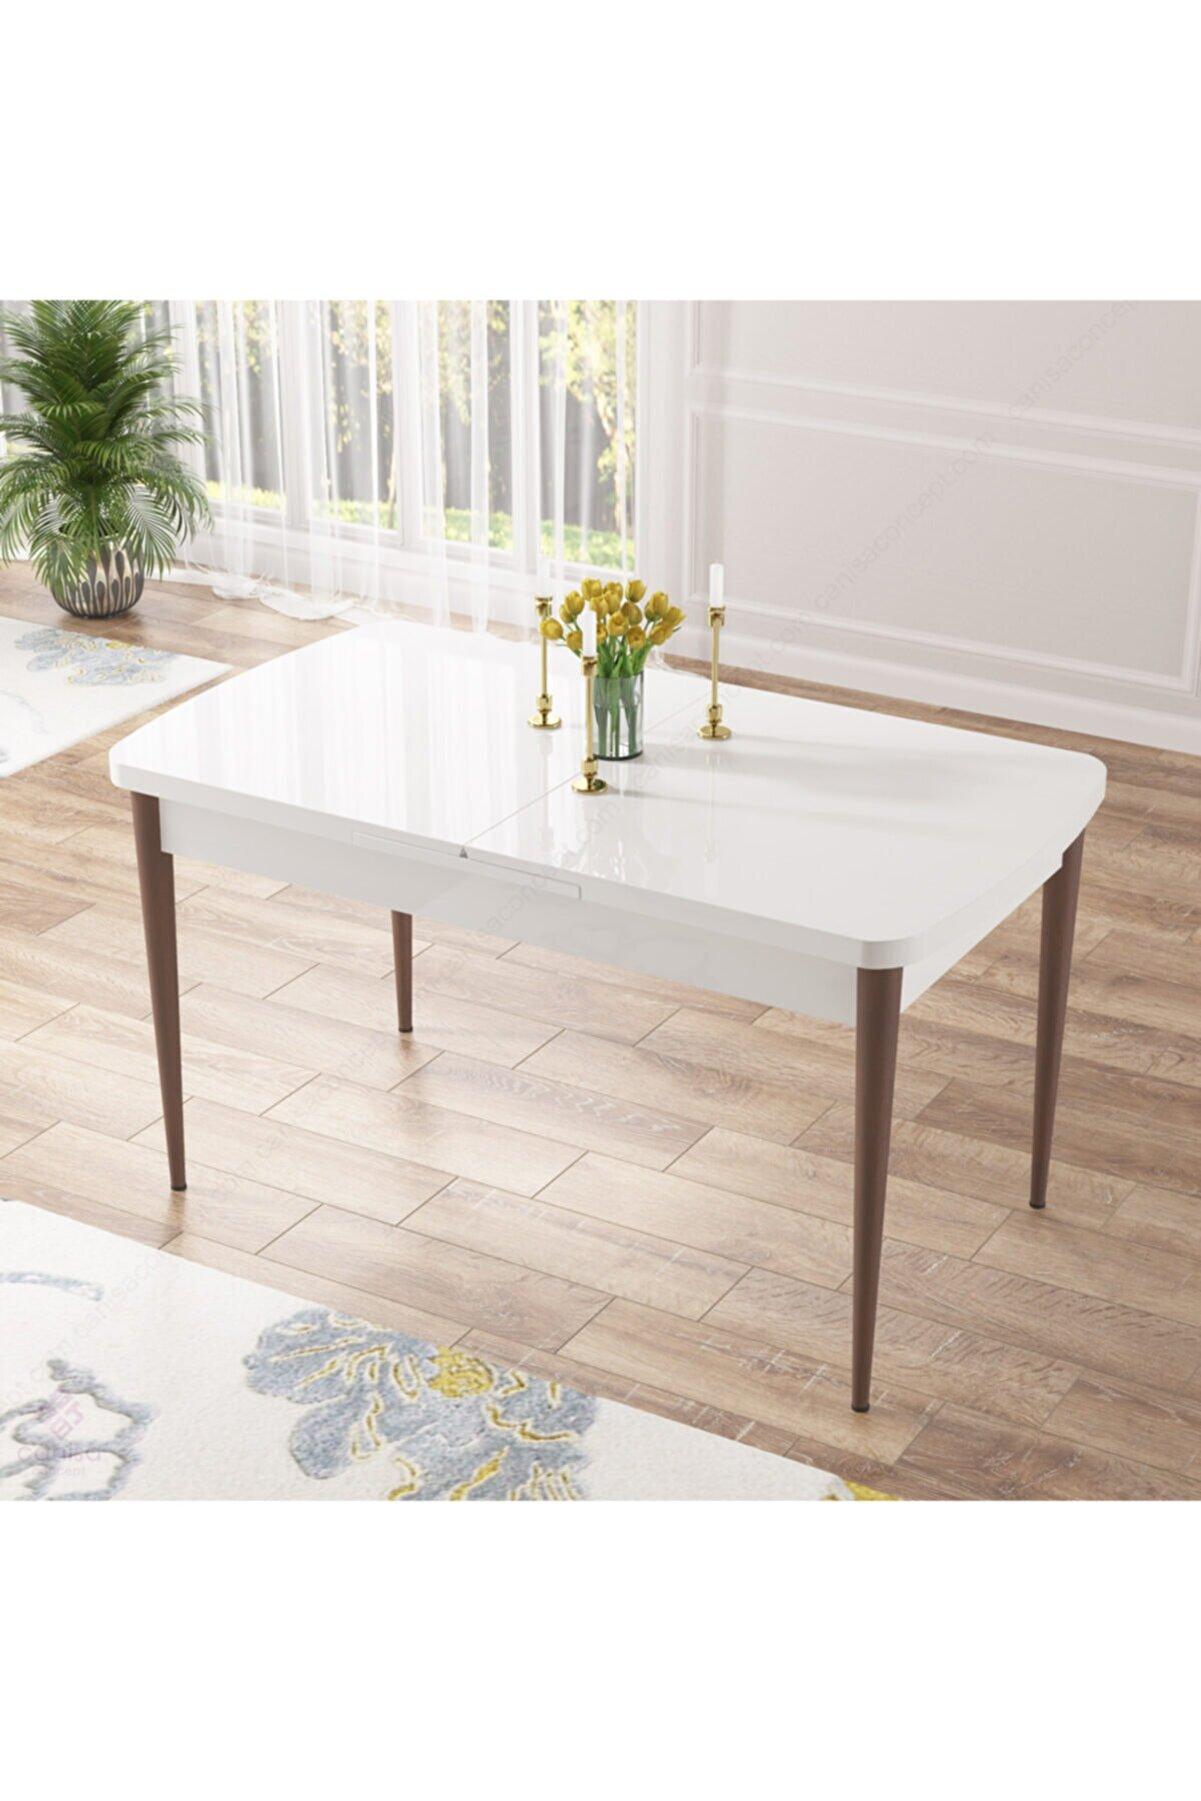 Canisa Concept Beyaz Mdf ,Ahşap Ceviz Ayaklı Açılabilir Üst Kalite Mutfak Masası